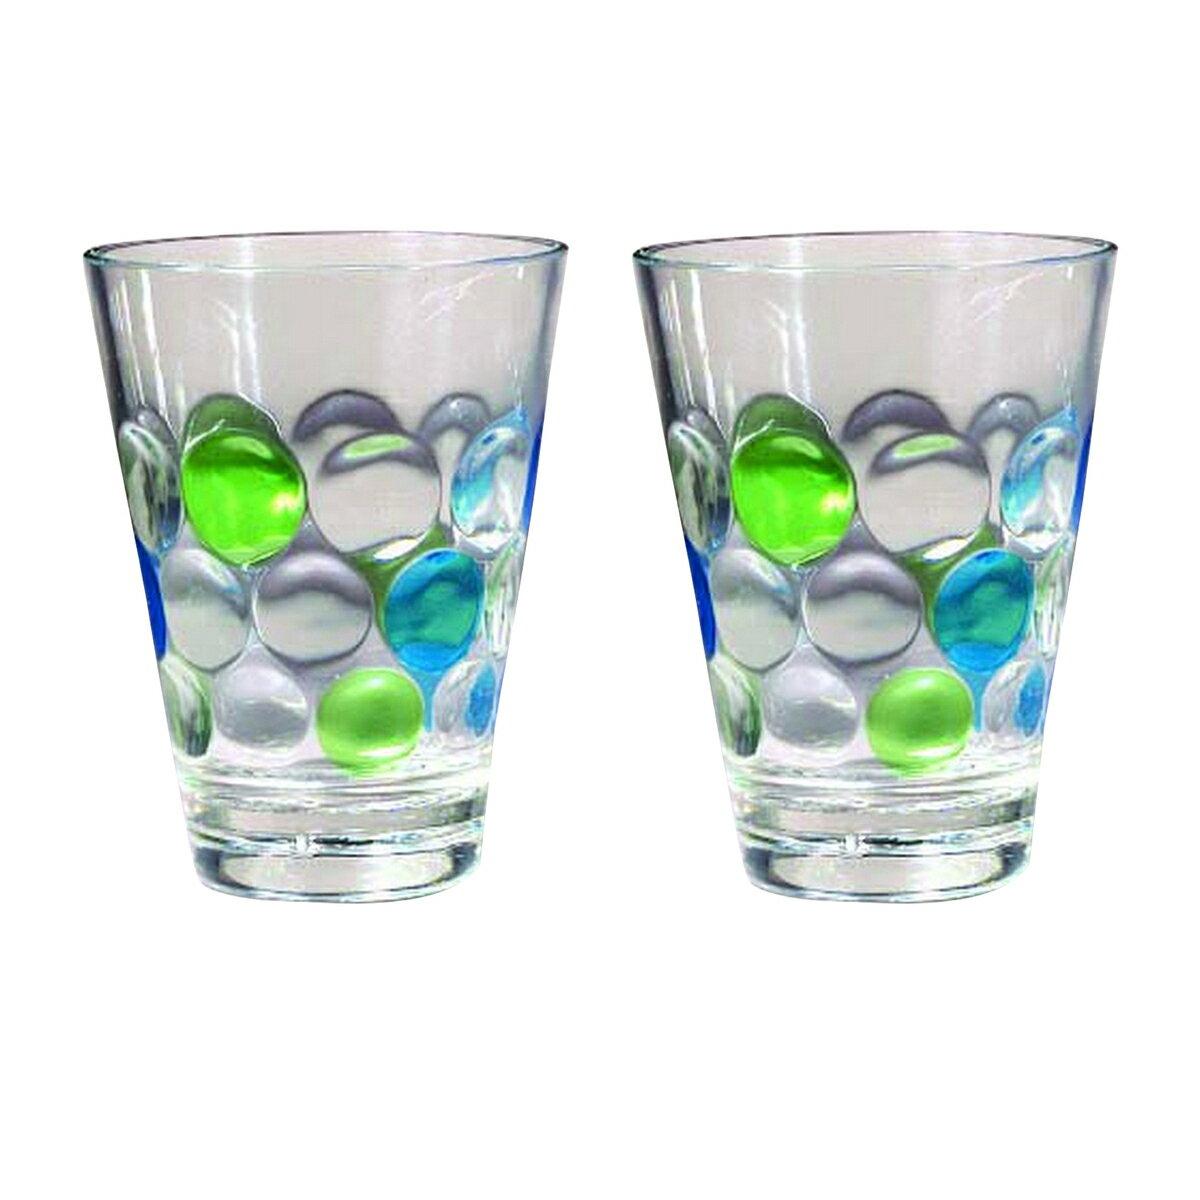 バブルズ ポリカーボネート グラス 2点セット コップ キャンプ アウトドア 【楽天海外直送】